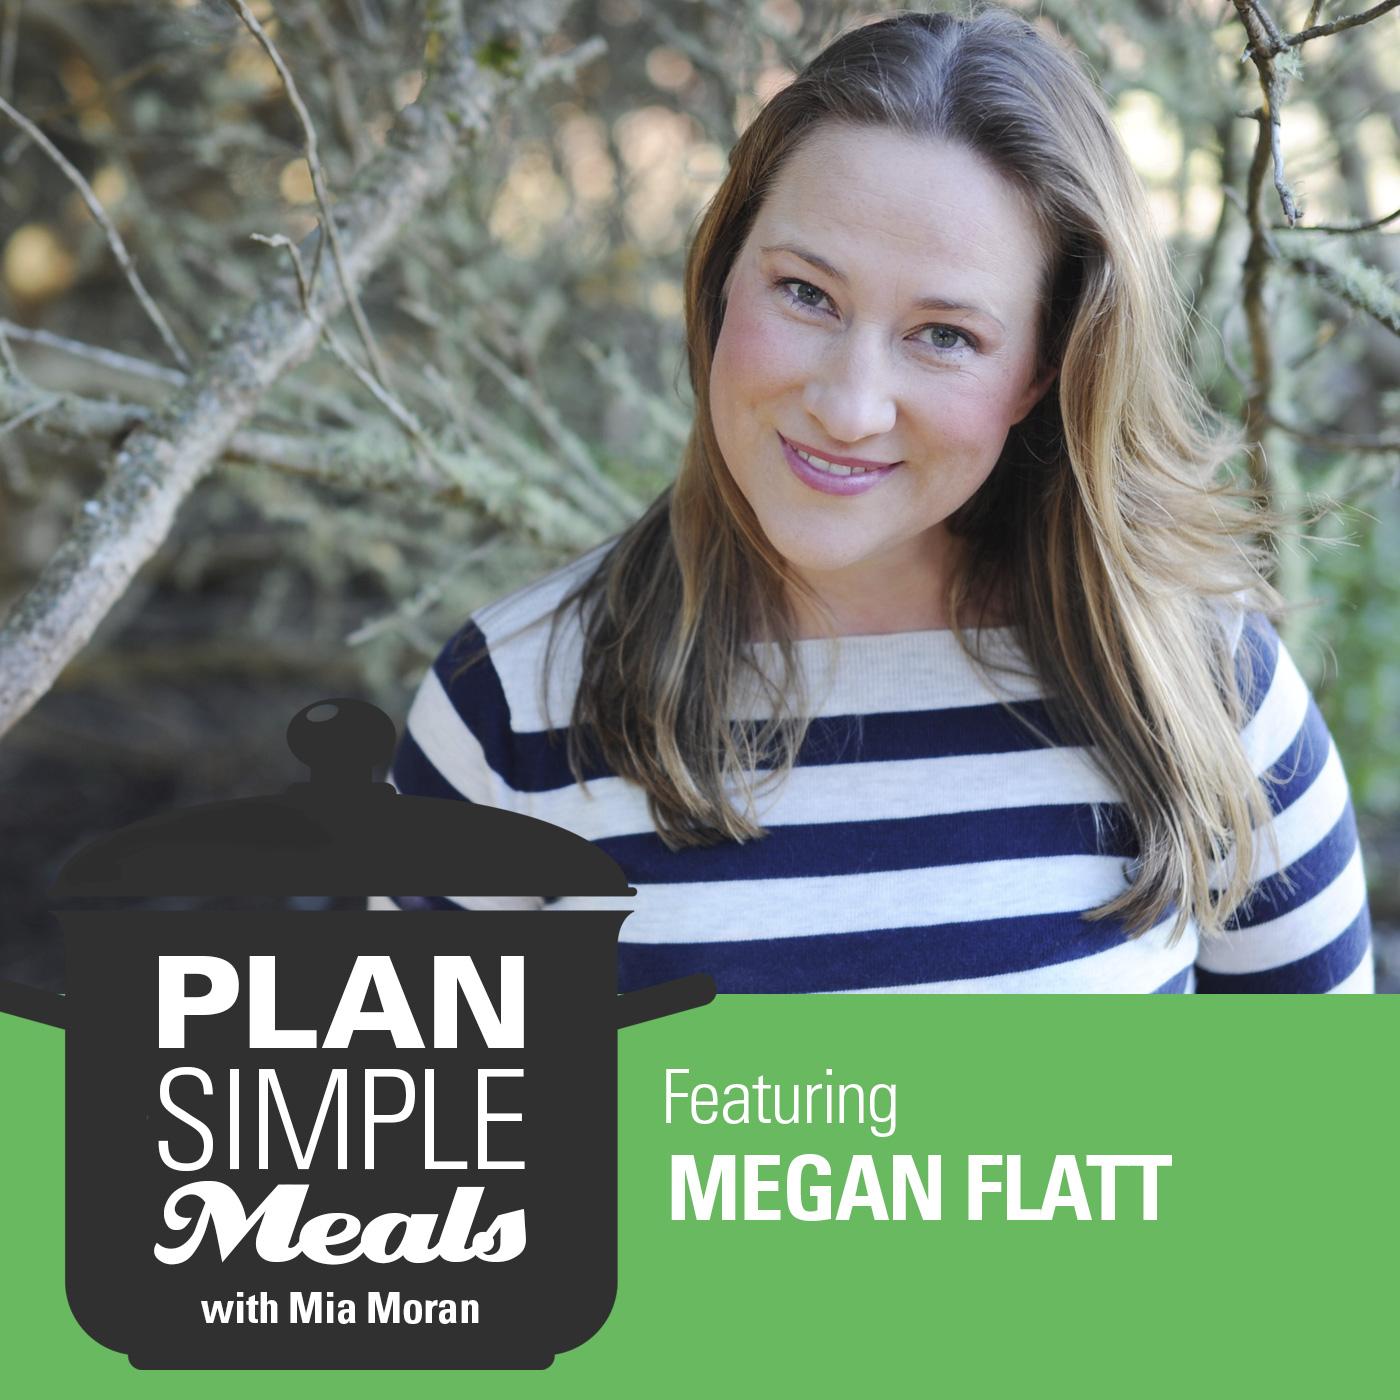 Spinning Plates With Megan Flatt